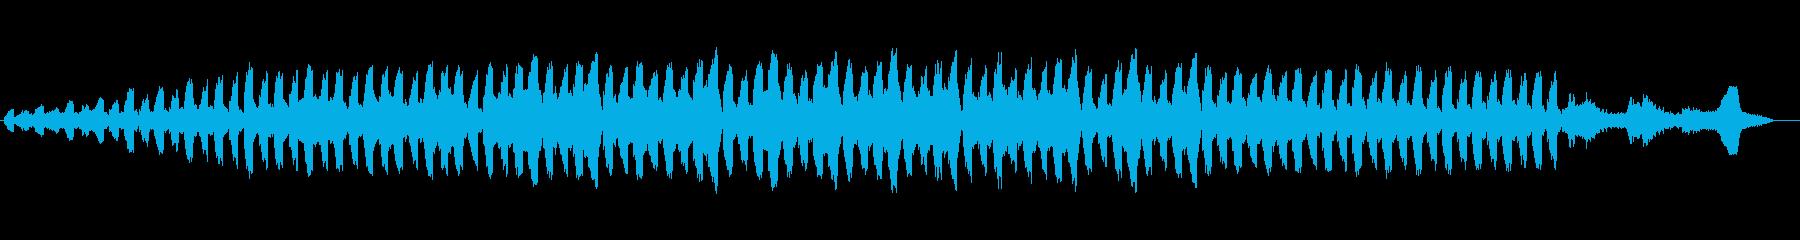 幻想的で恐怖心を高ぶらせる音楽の再生済みの波形